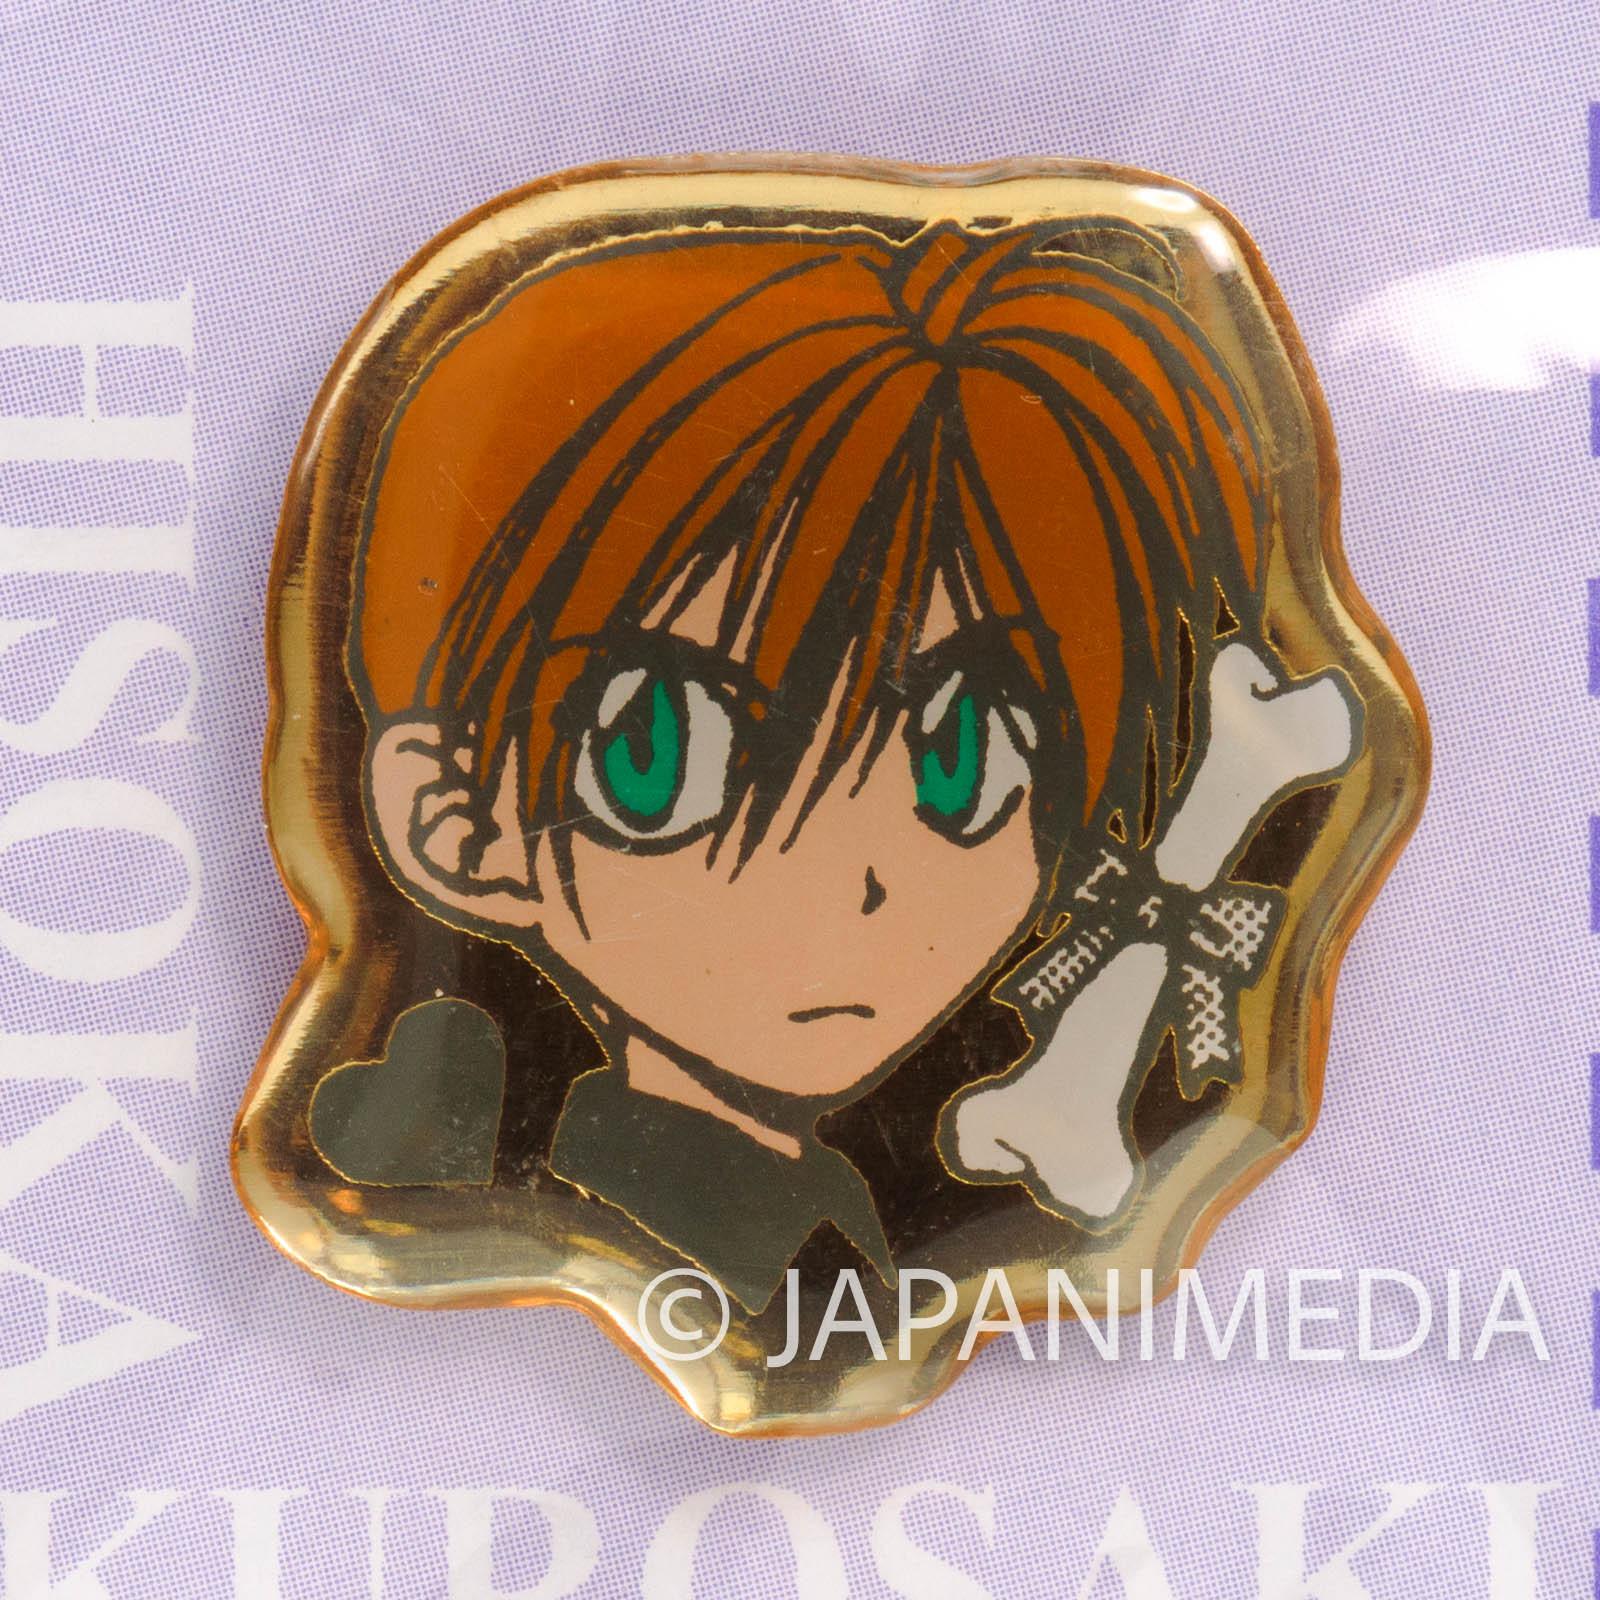 Descendants of Darkness Hisoka Kurosaki Pins JAPAN ANIME